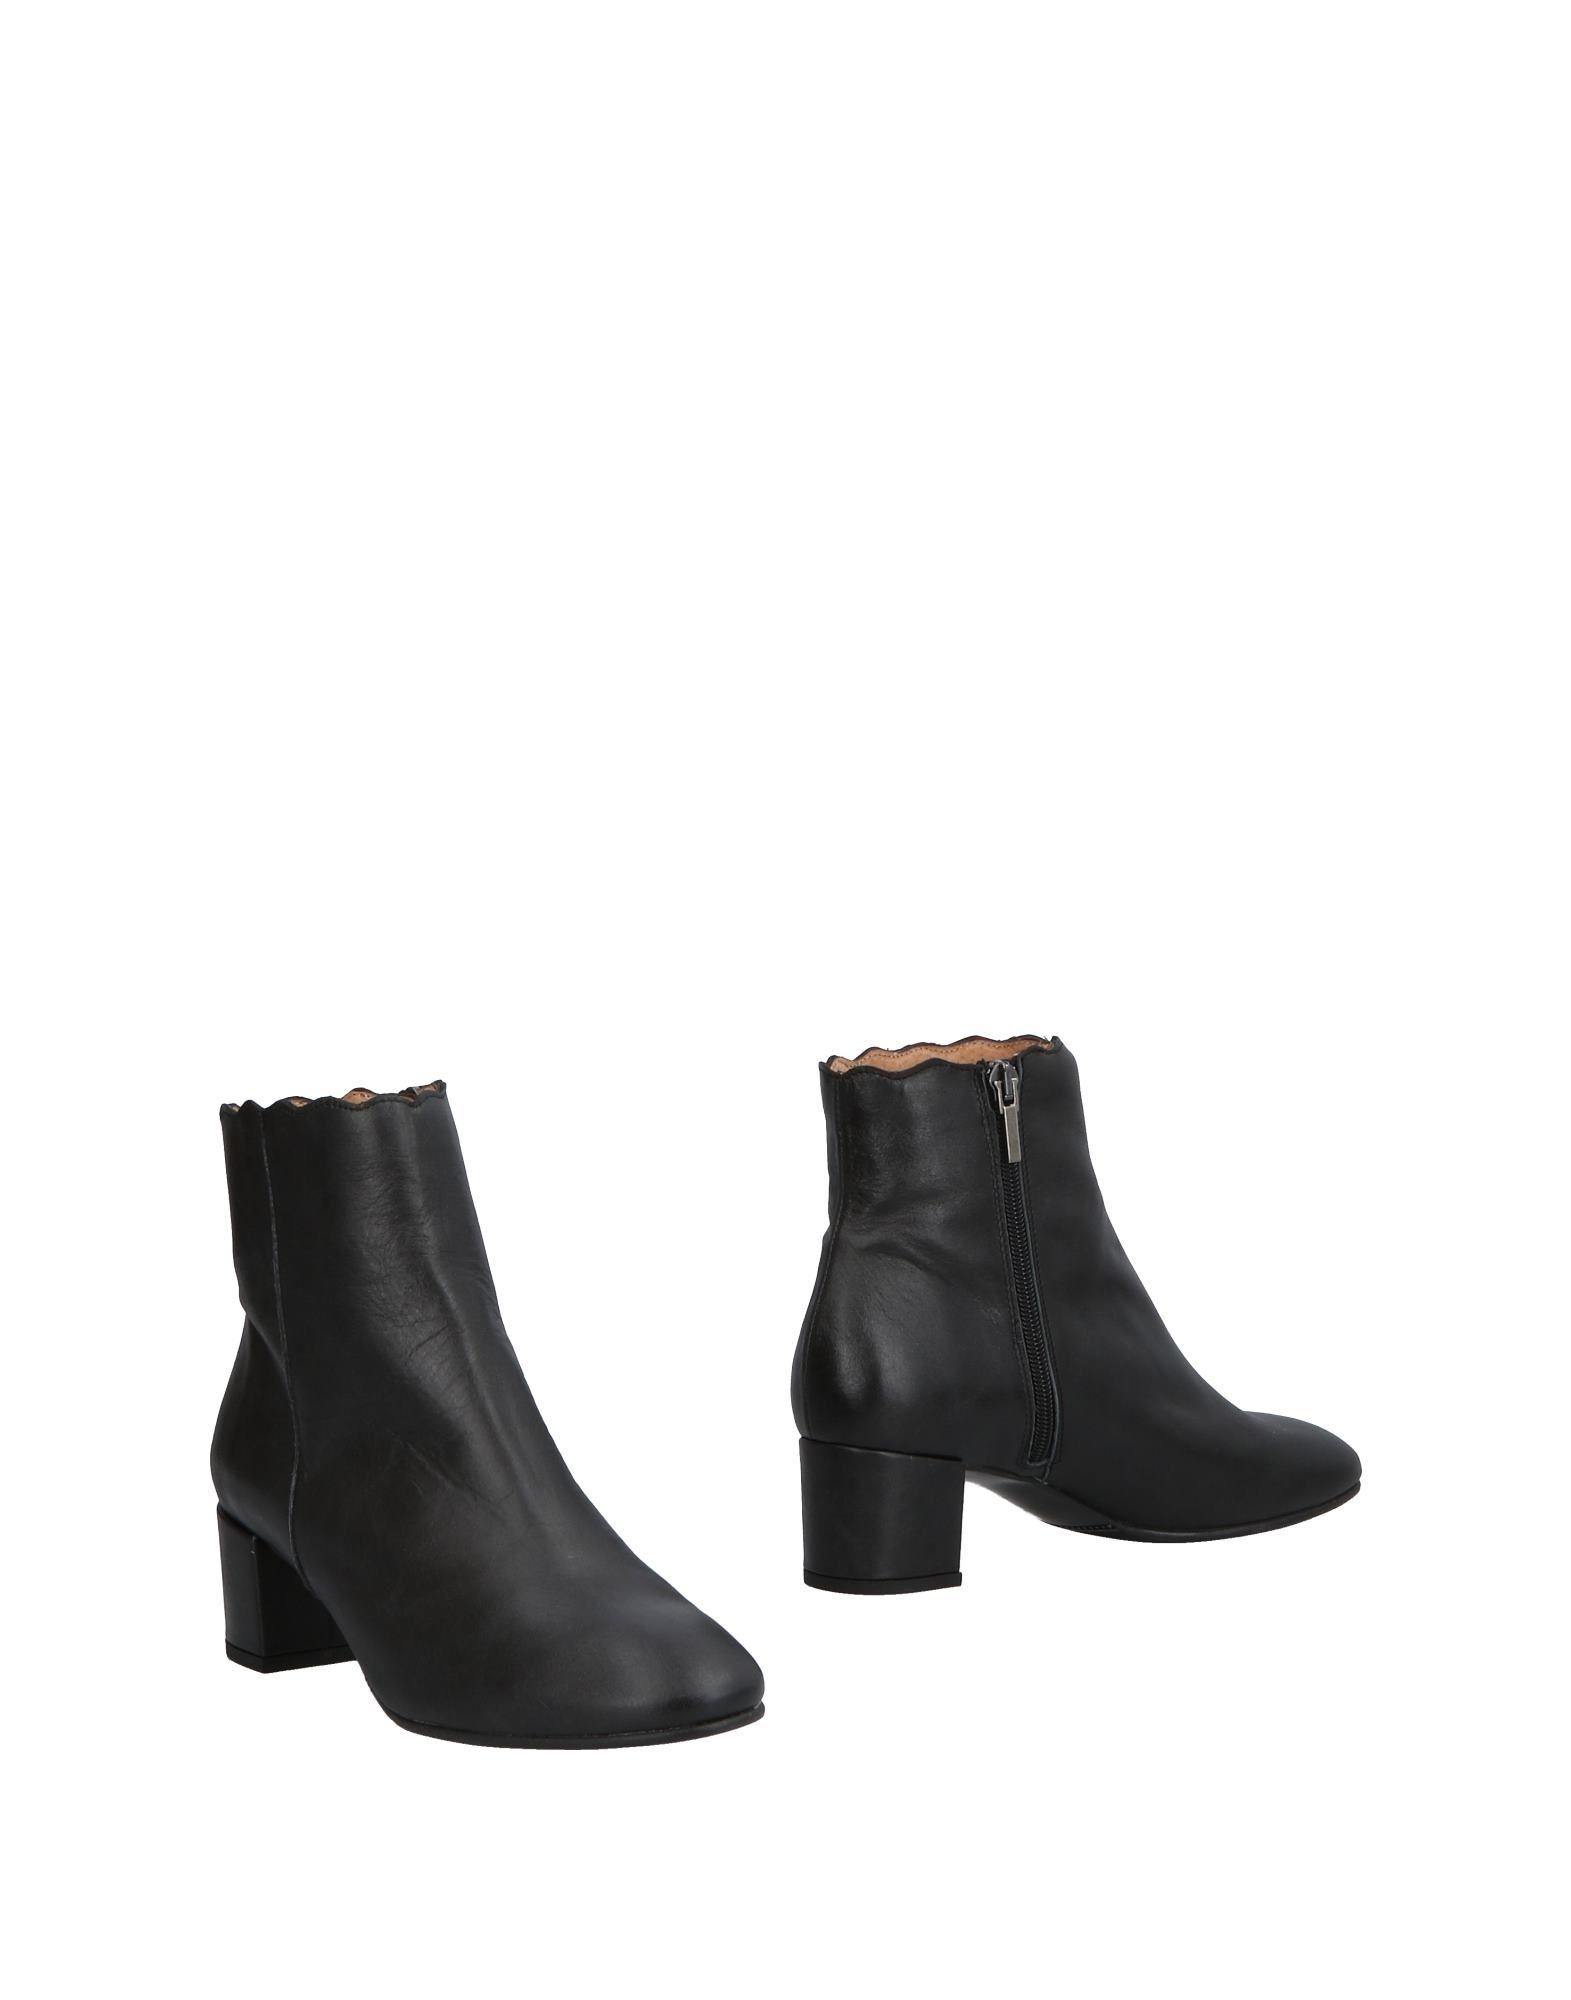 Marian Stiefelette Damen  11498566OD Gute Qualität beliebte Schuhe